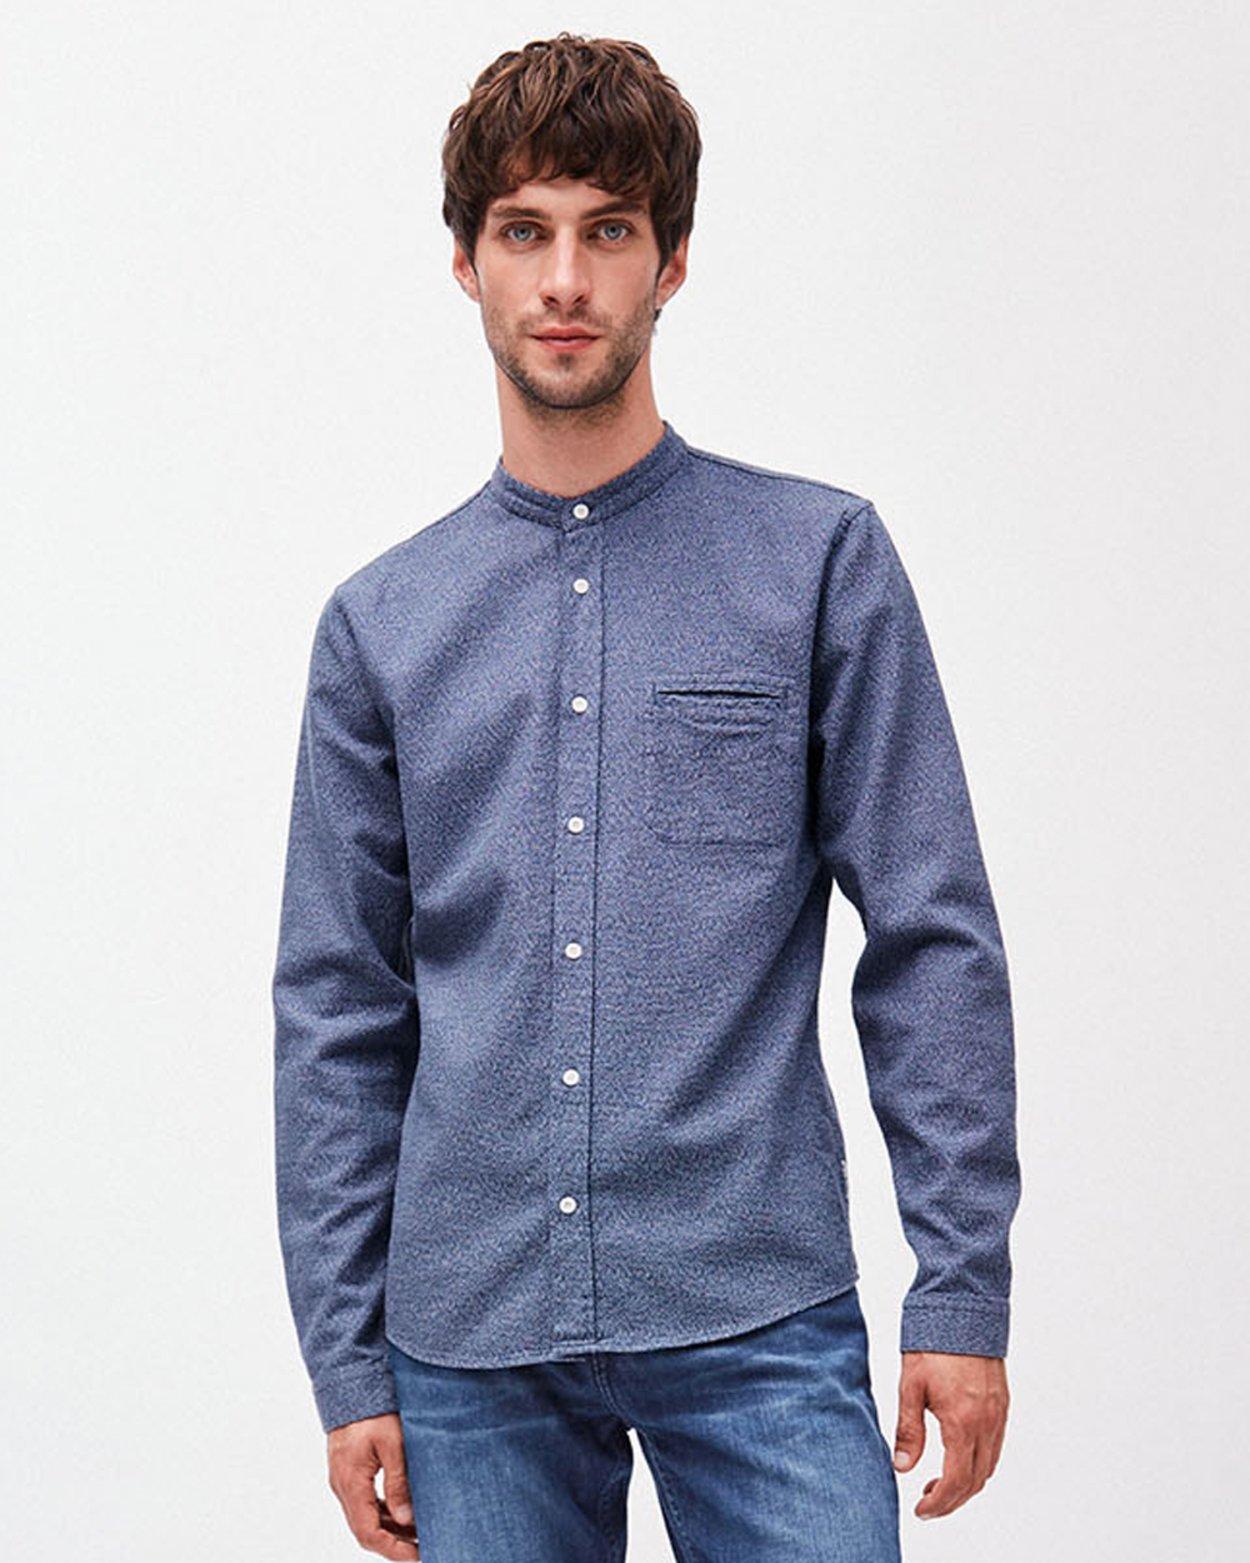 Litaa Shirt